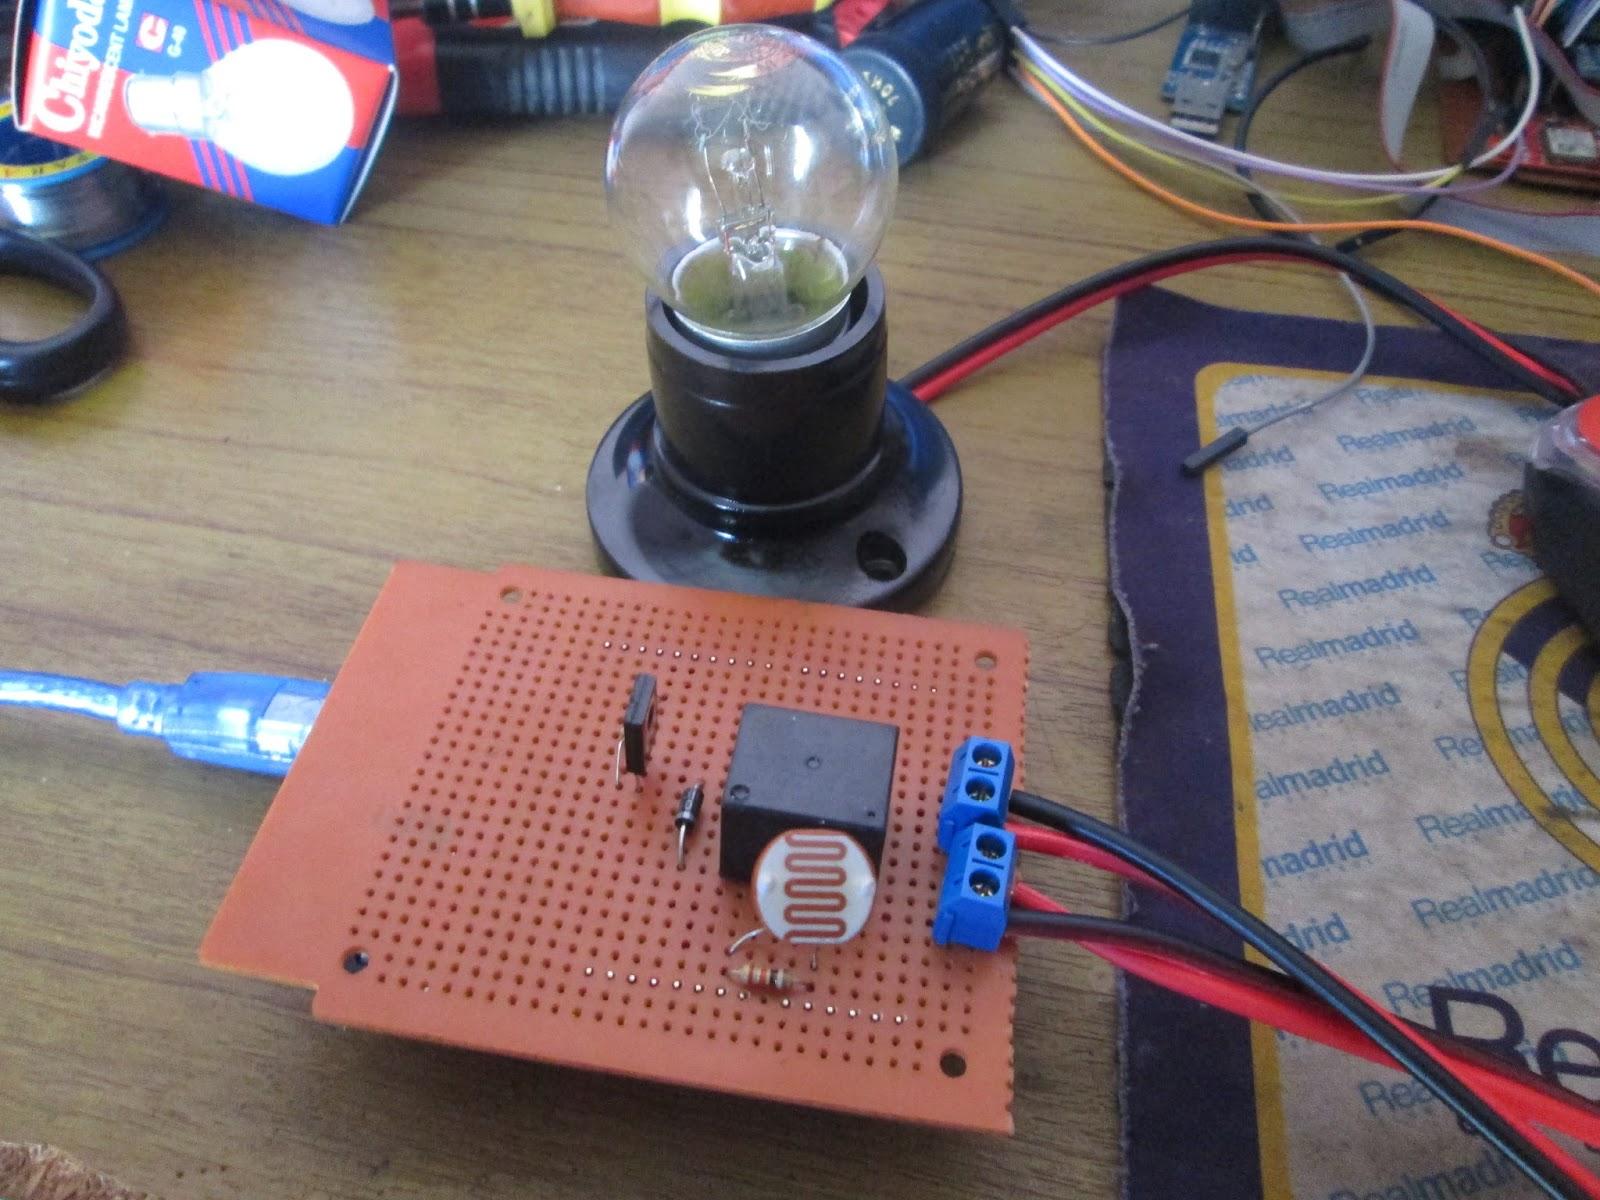 Membuat alat on off lampu otomatis menggunakan sensor